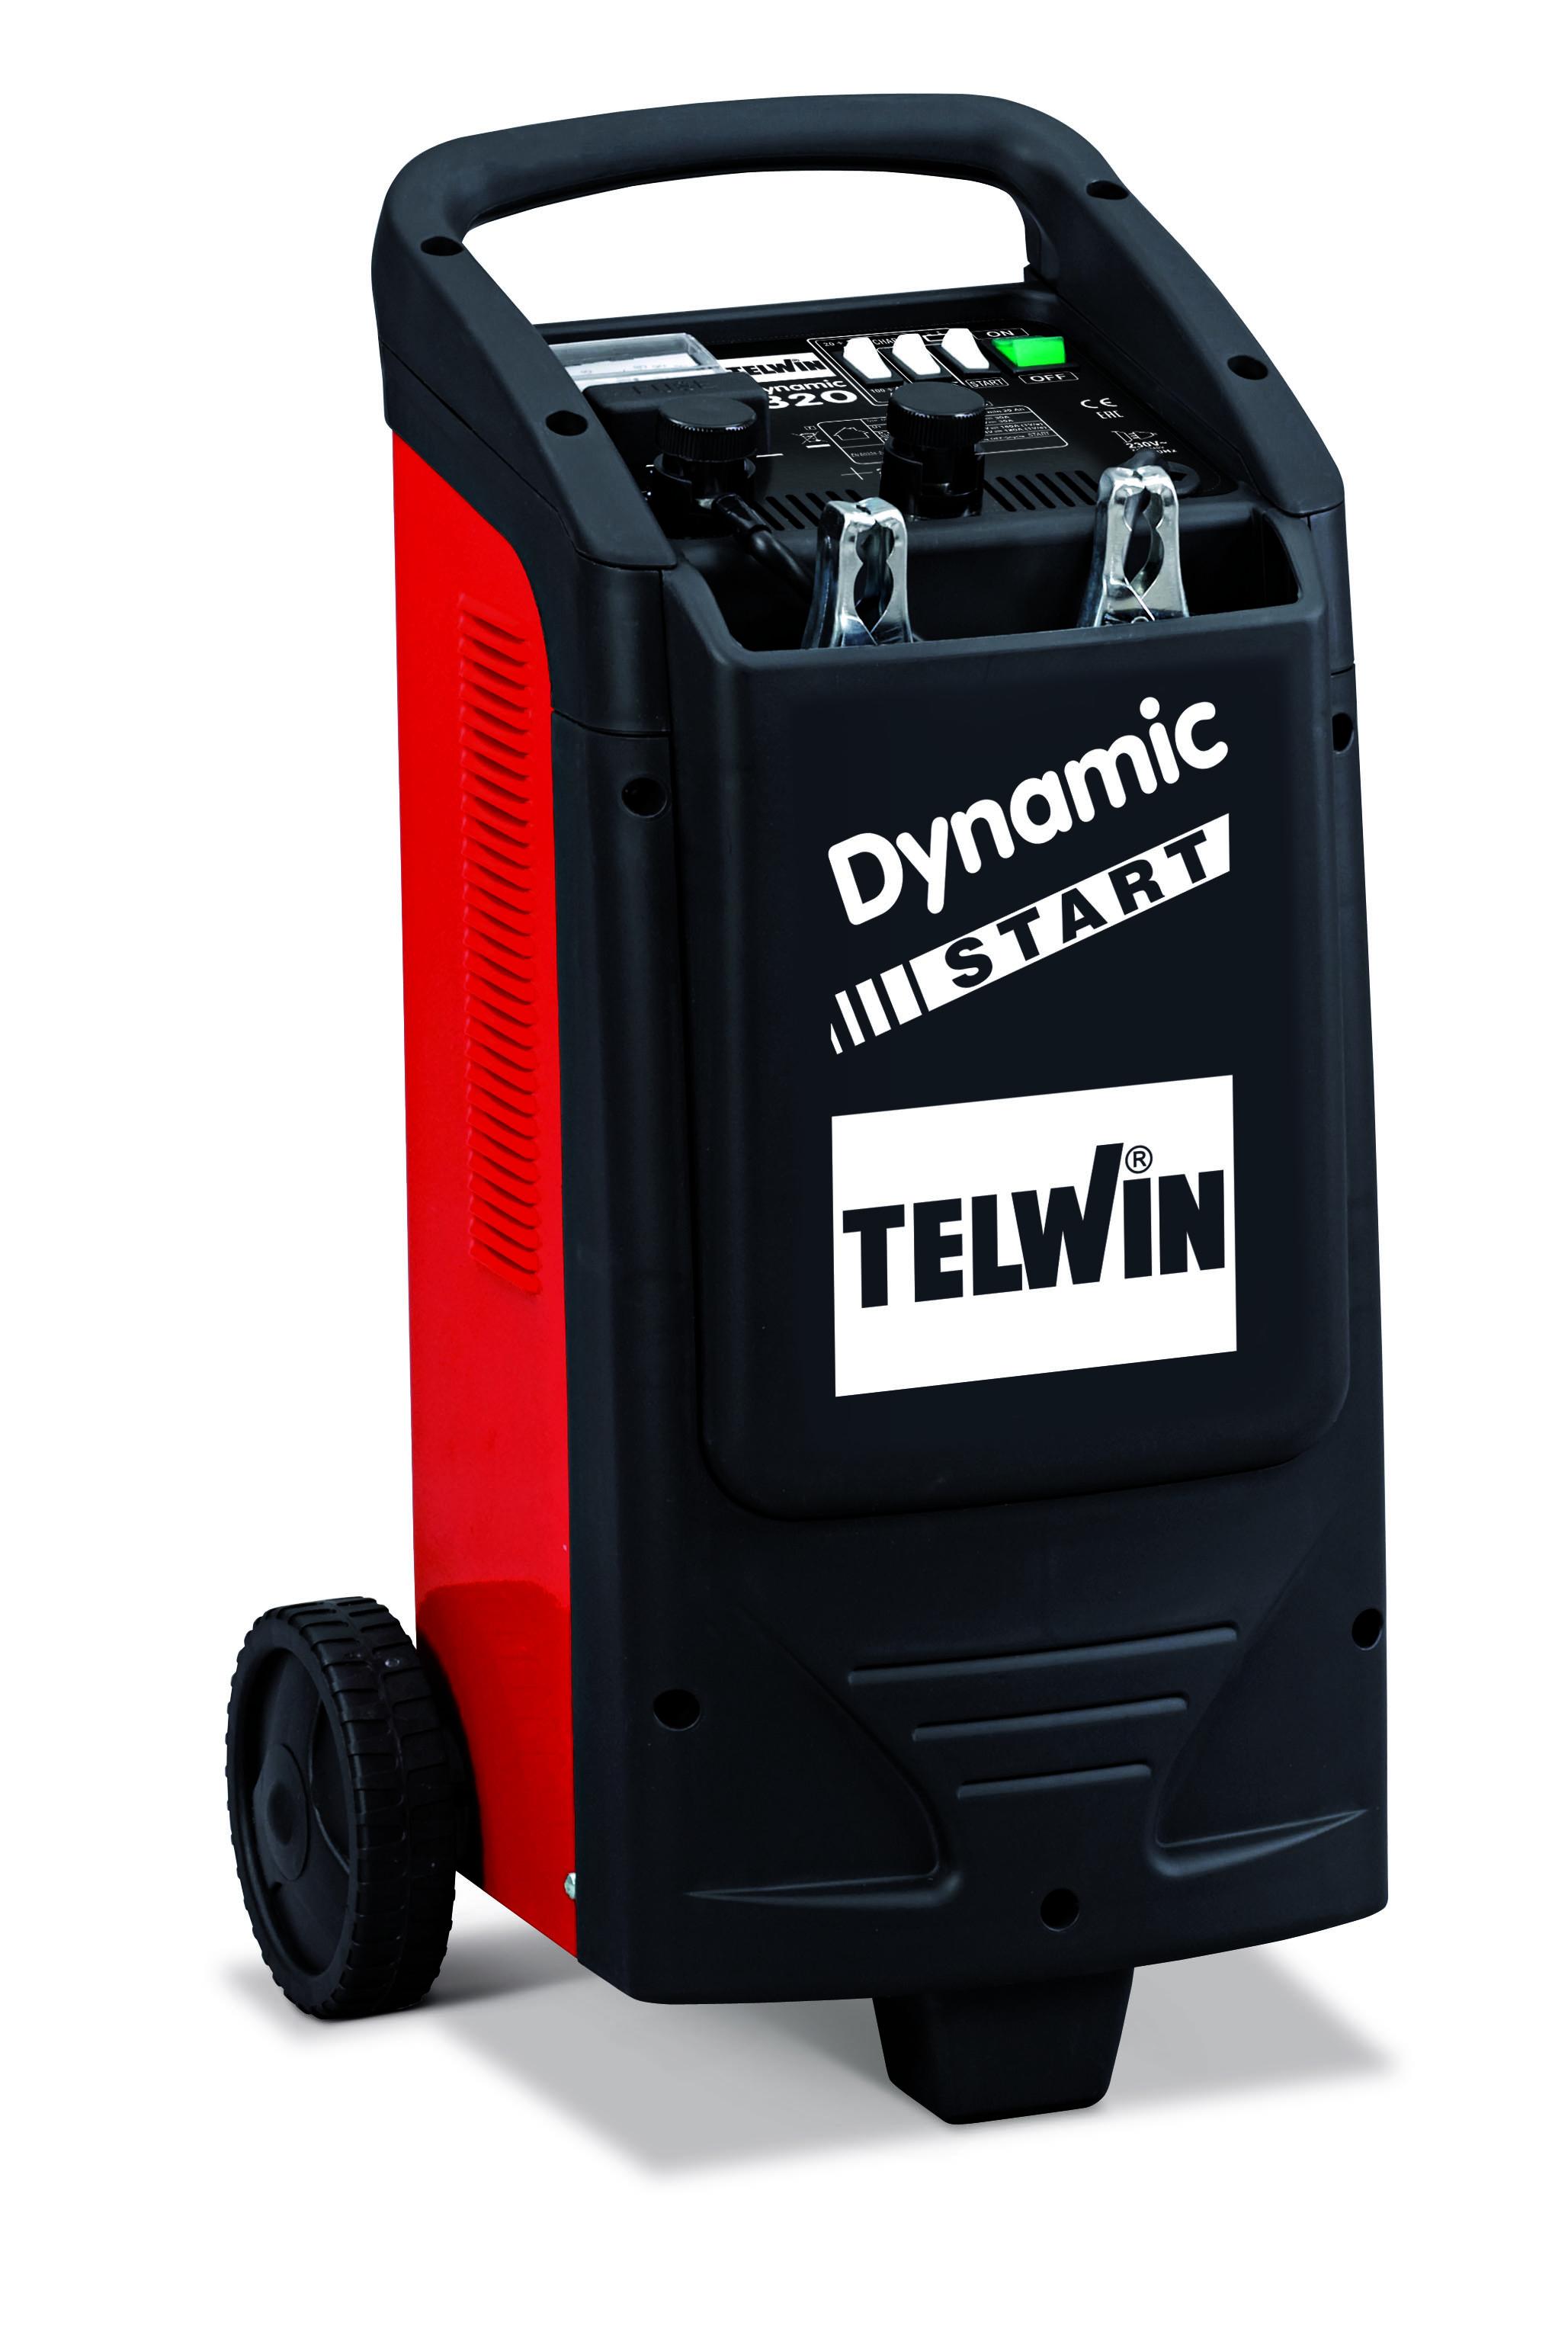 TELWIN 829381 - DYNAMIC 320 START 230V 12-24V, Car Battery Jump Starter